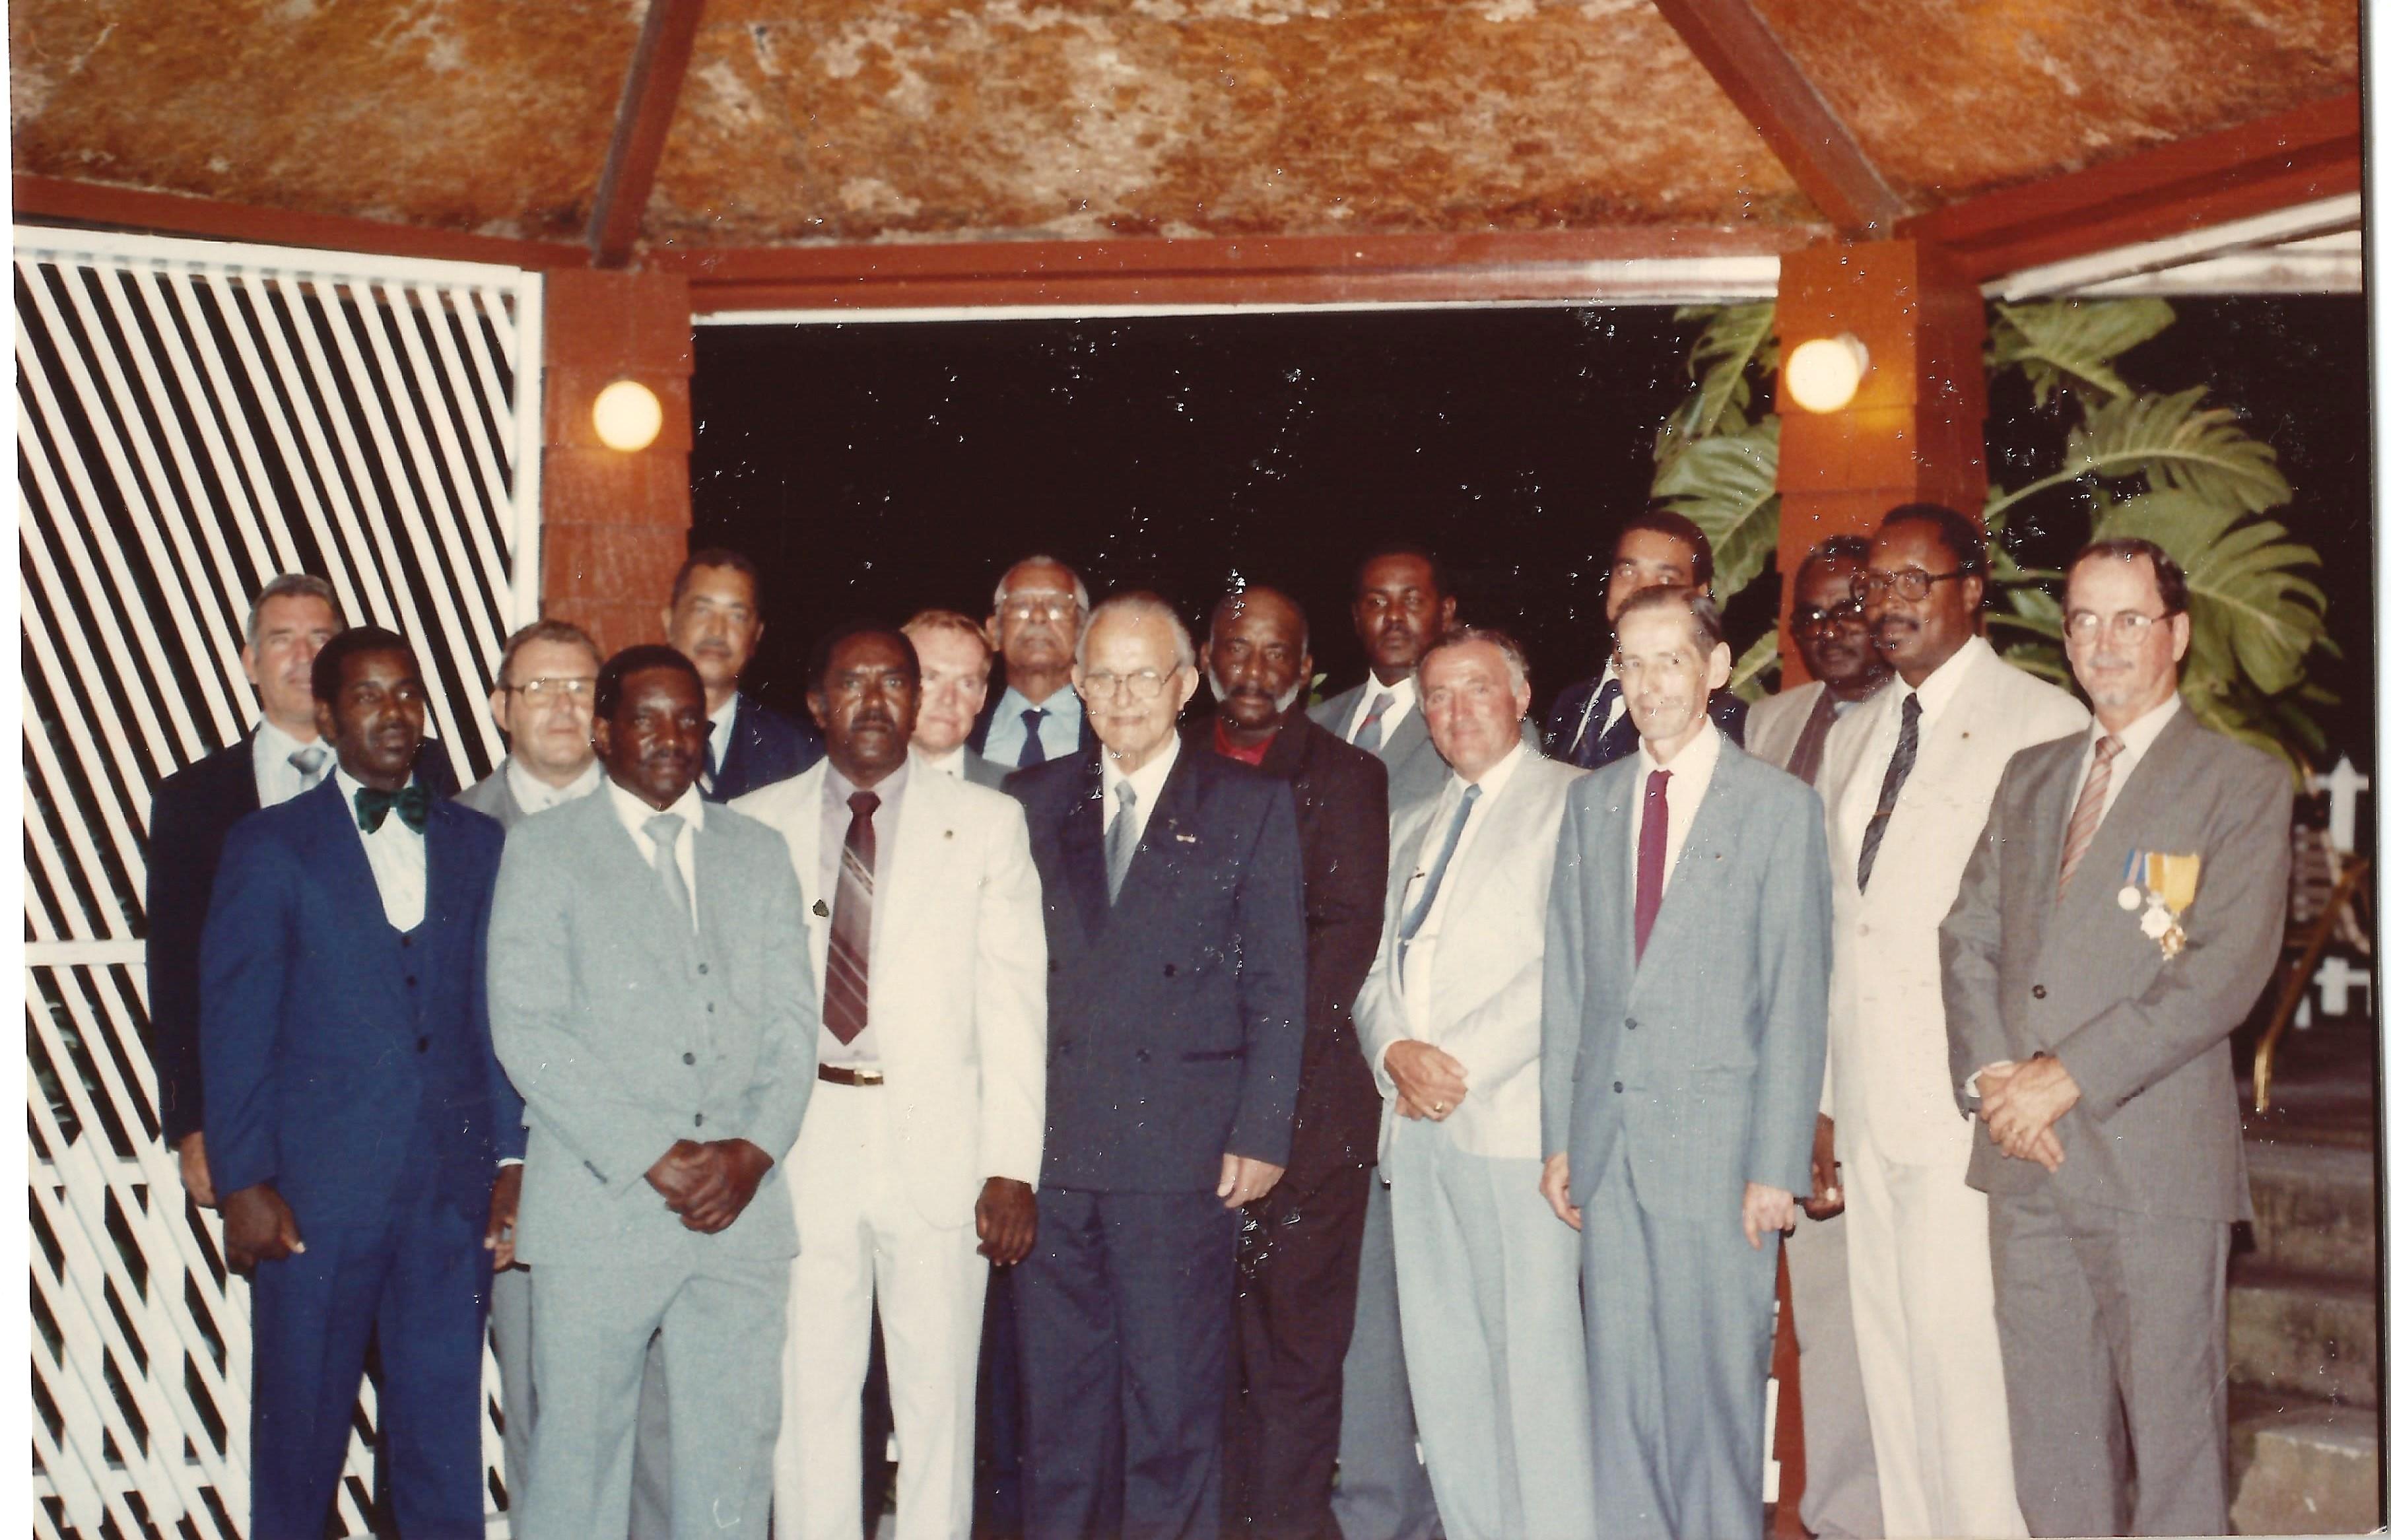 Brakkeput boys 1987